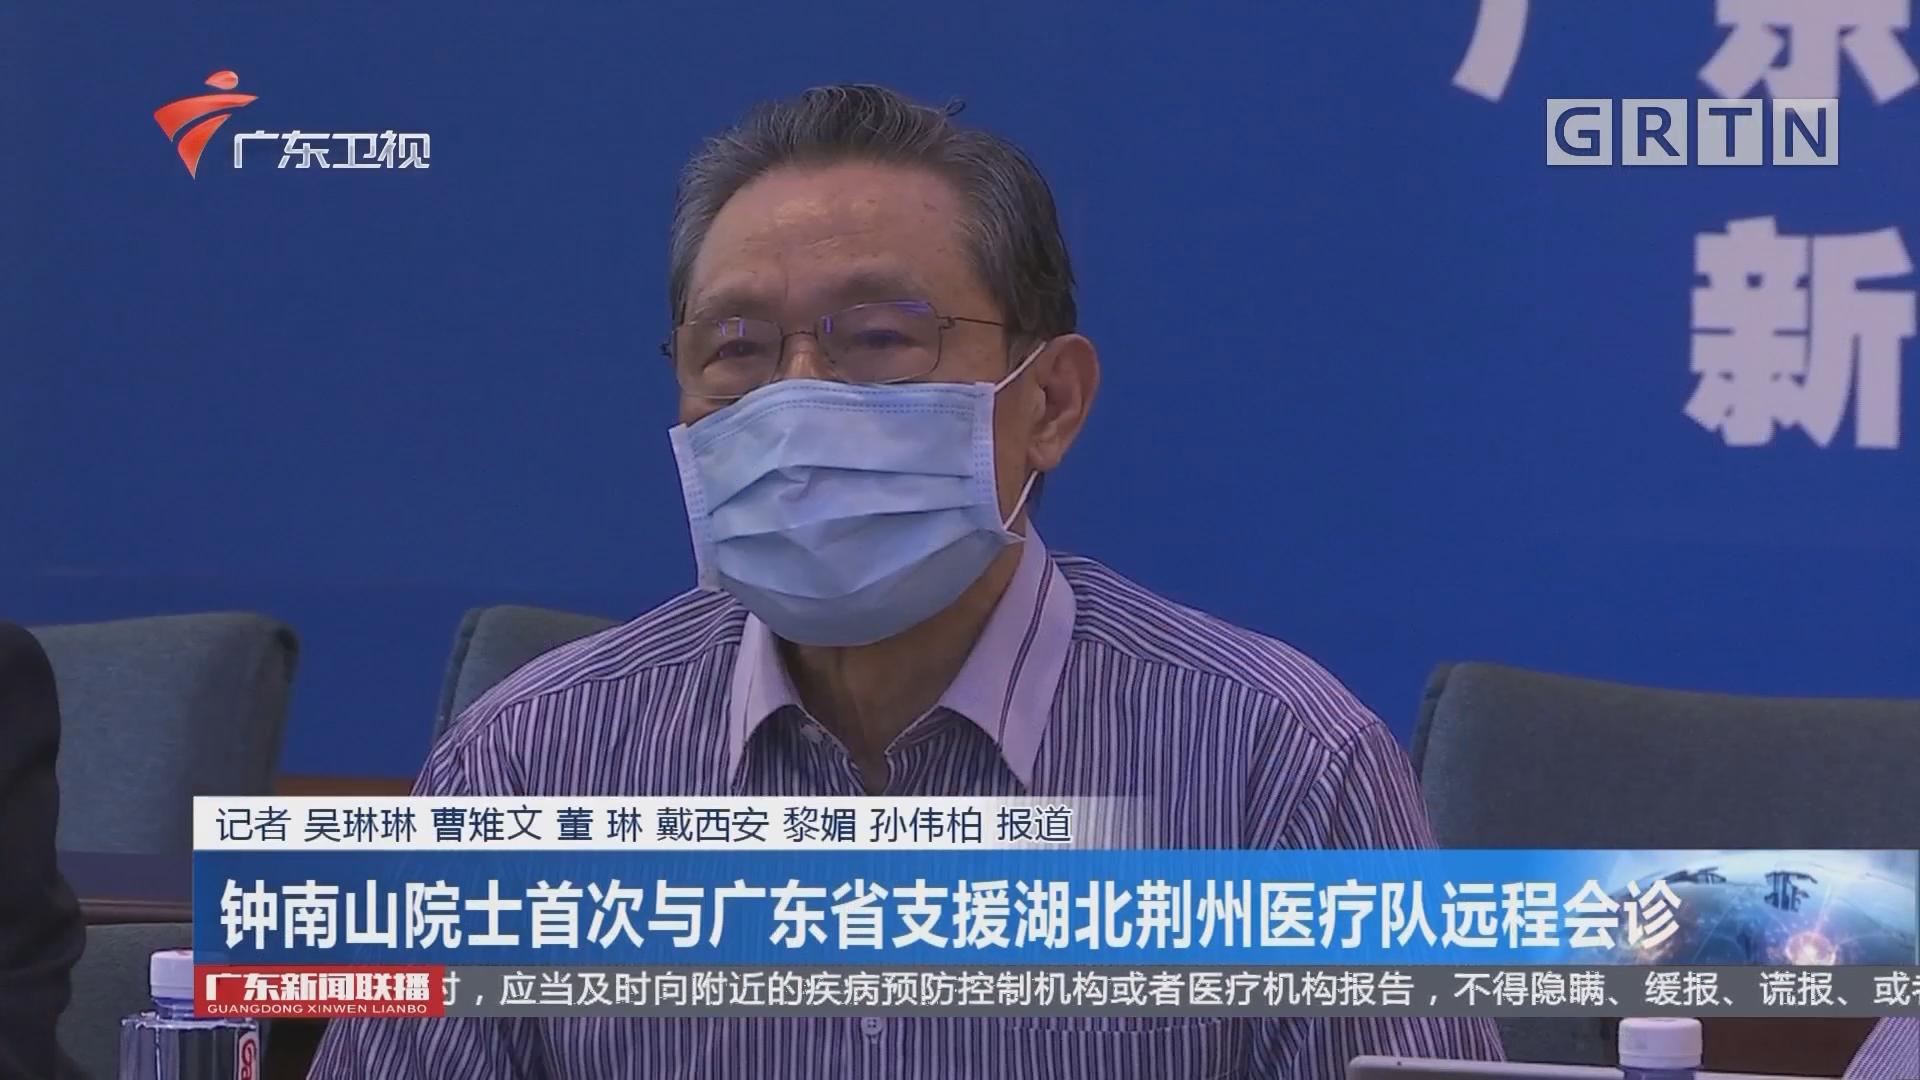 鐘南山院士首次與廣東省支援湖北荊州醫療隊遠程會診